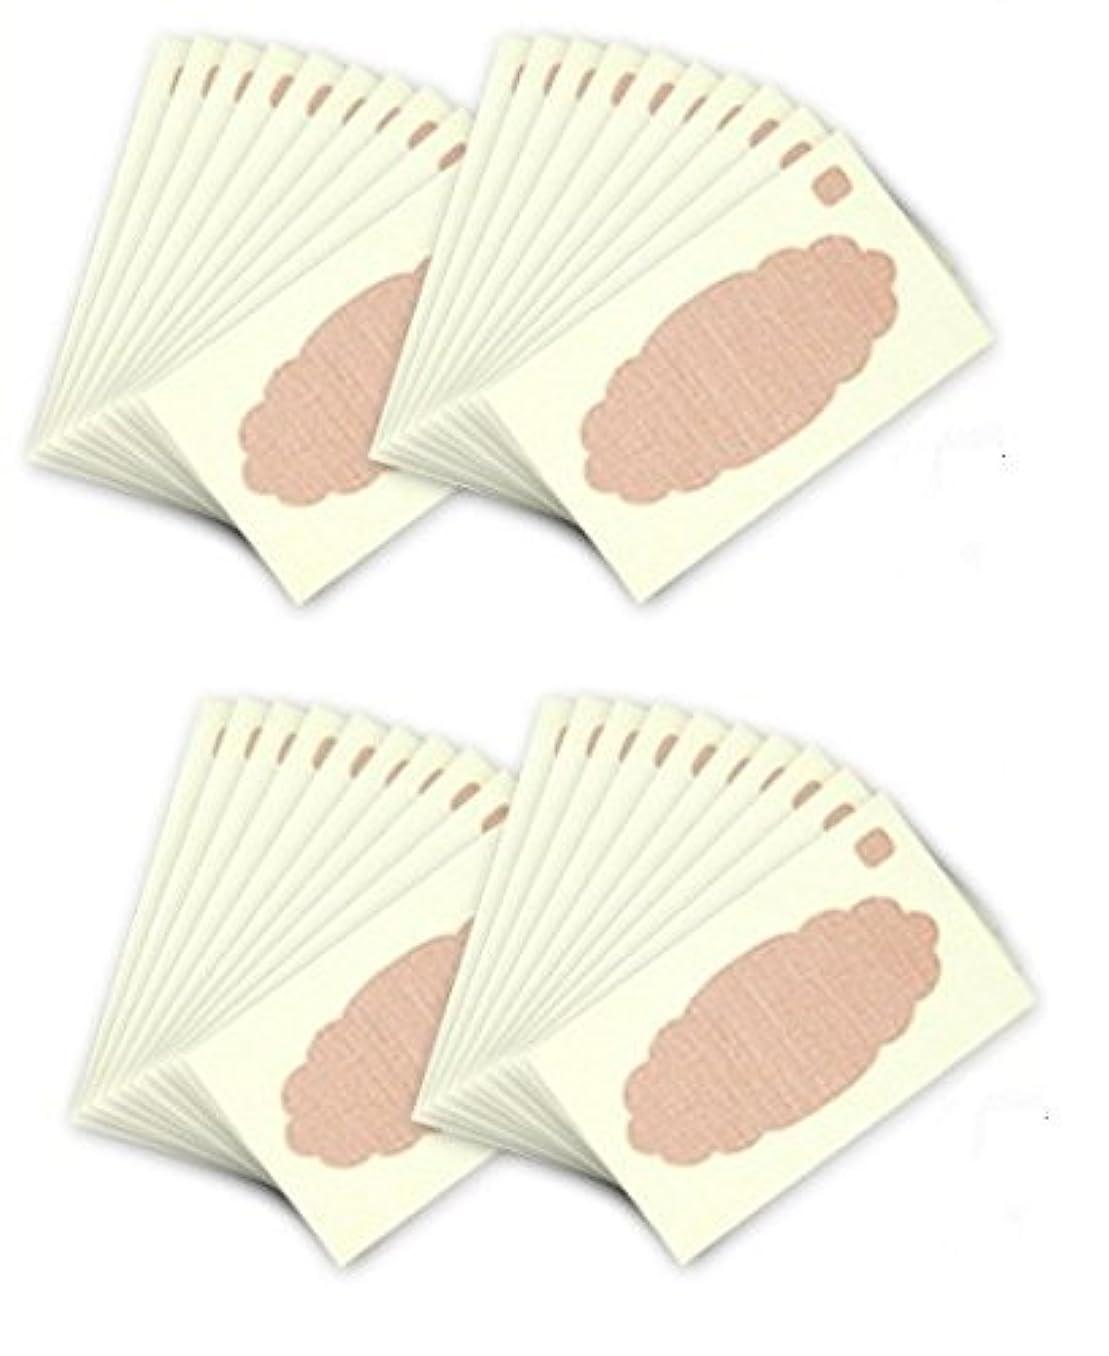 著作権徐々にローマ人汗取りパッド ワキに直接貼る汗とりシートワイド 20枚×2セット(たっぷり40枚 特別お得セット) ズレにくく汗を直接吸収!脇汗ジミ わき汗 対策